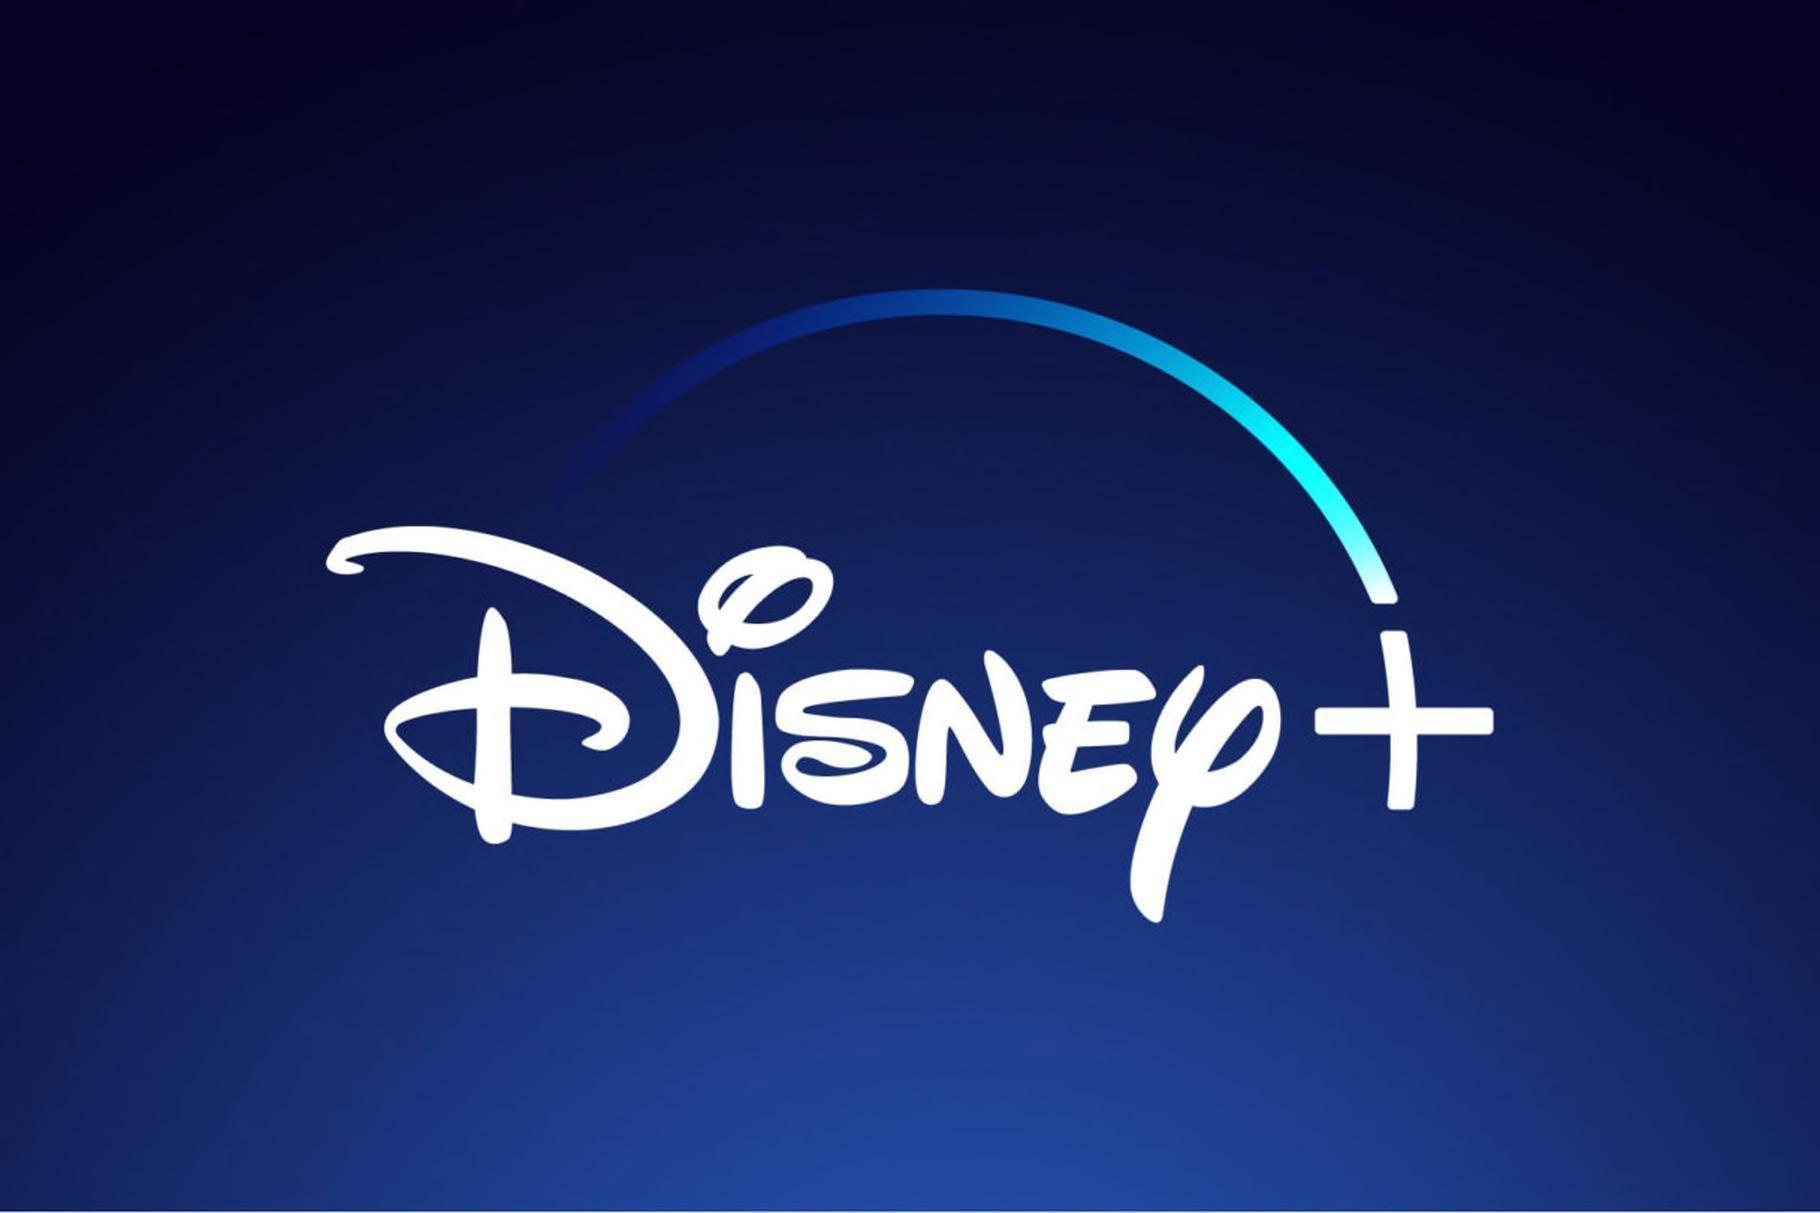 DisneyPlusLogo.jpg